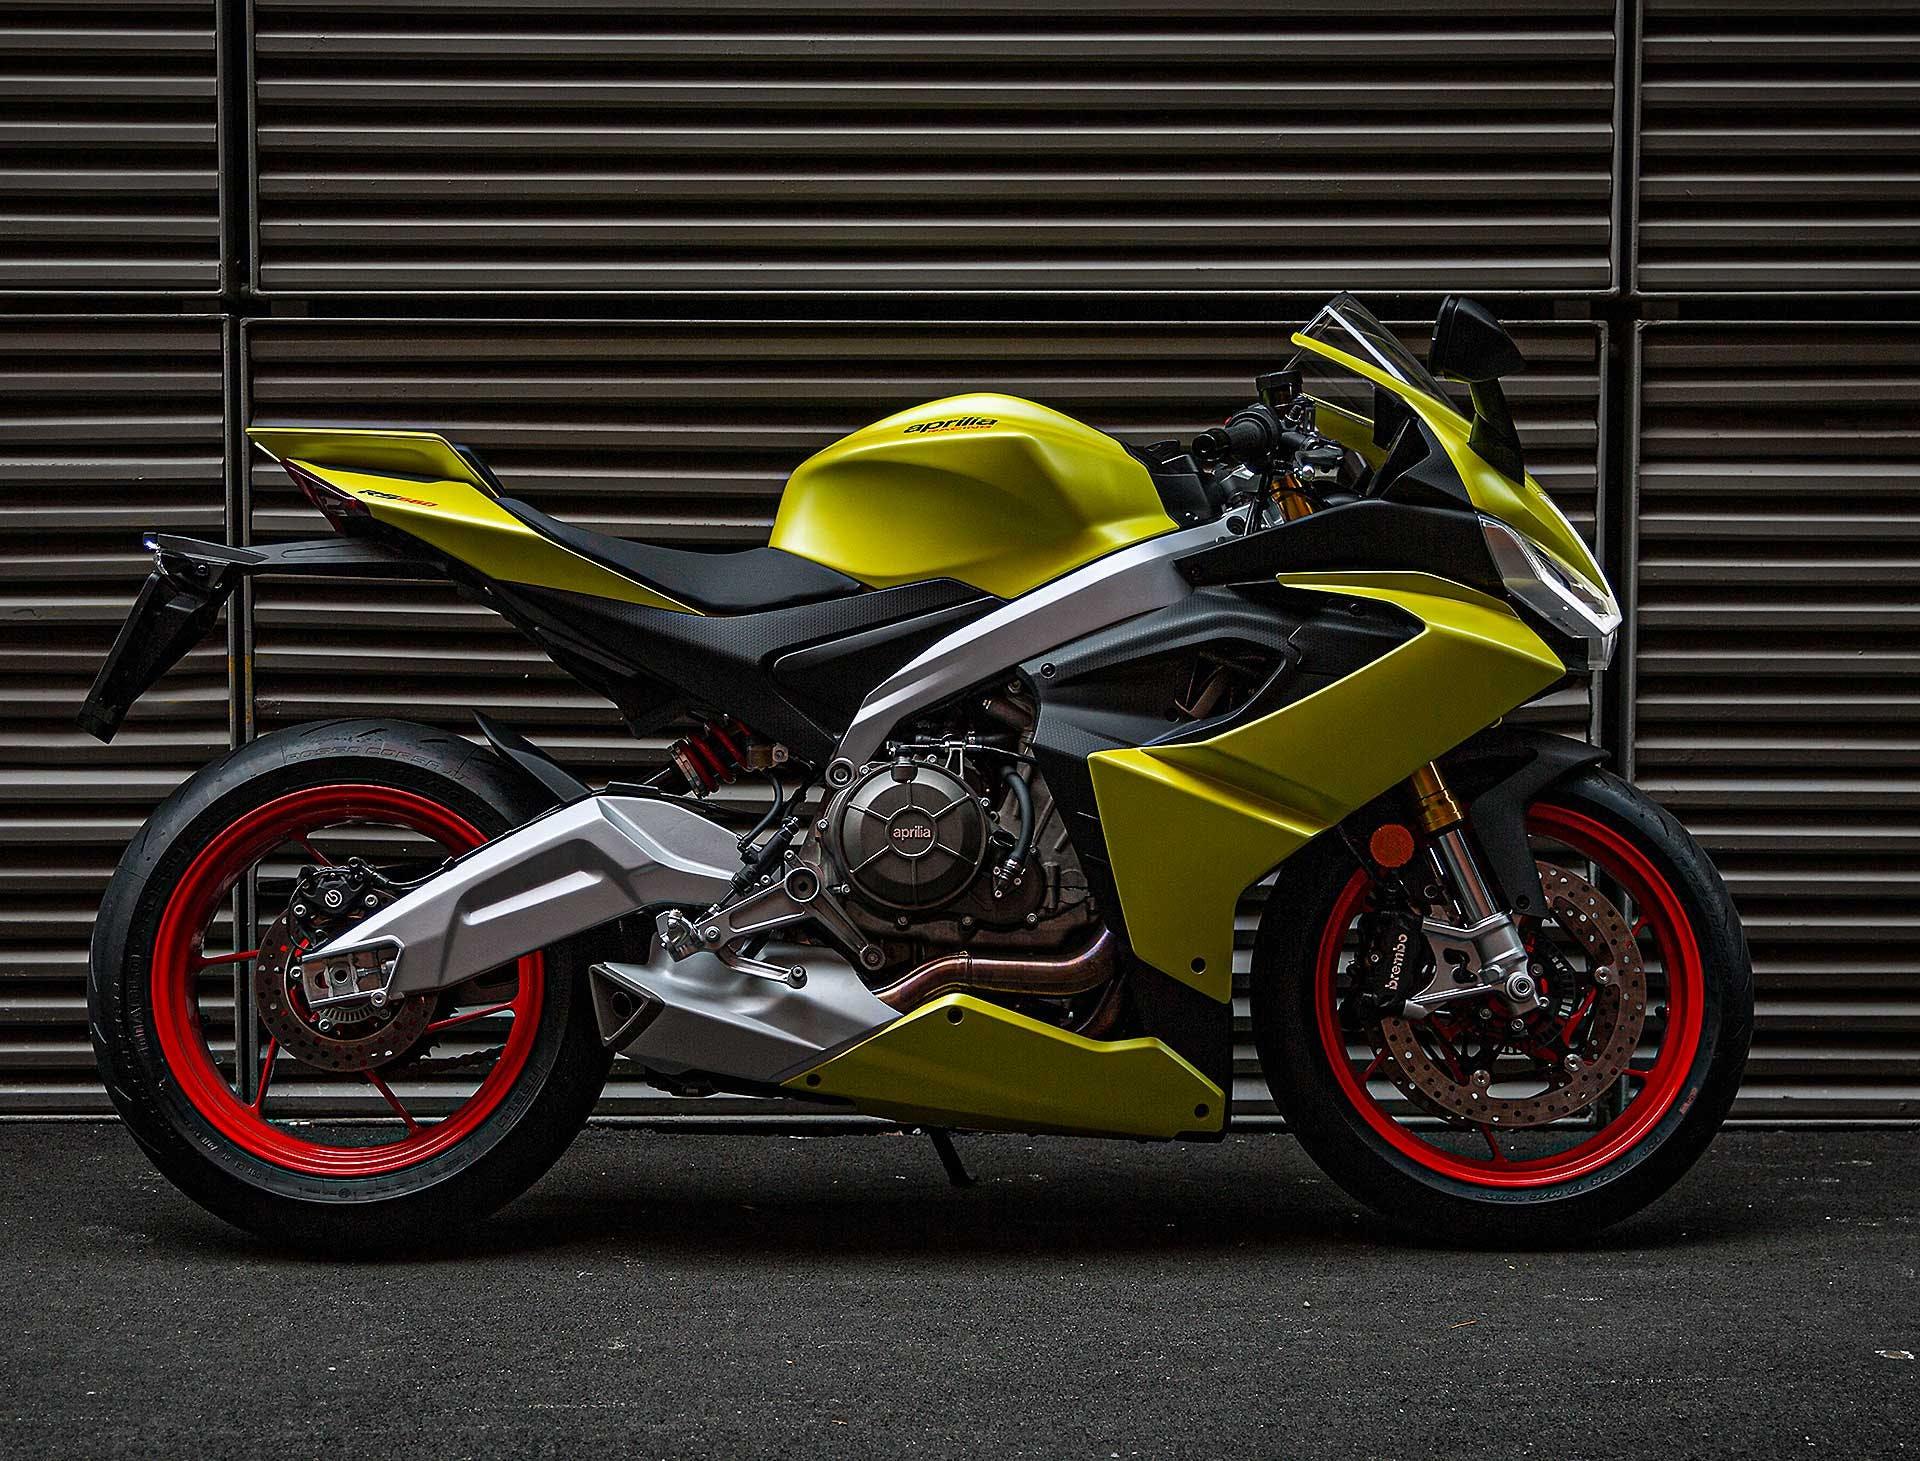 Aprilia RS660 migliori moto per neopatentati A2